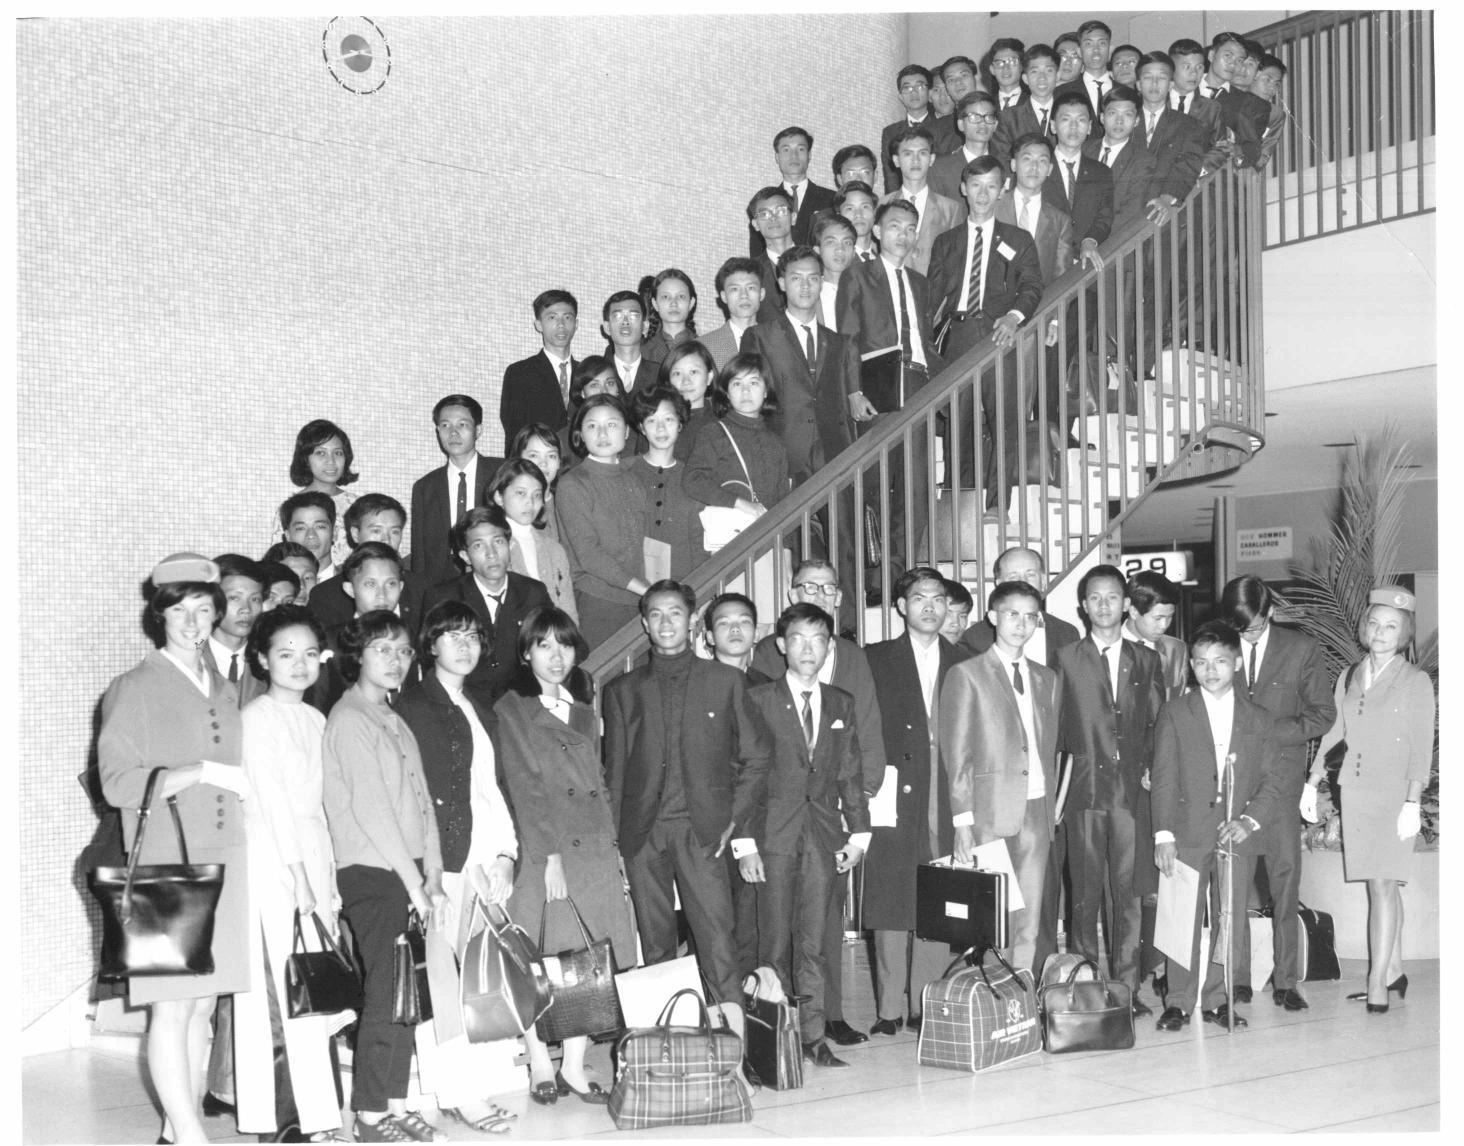 Sinh viên du học với học bổng Leadership. Nhóm II tại phi trường Los Angeles, 28 tháng 3, 1972. Nguồn: Học bổng Leadership.